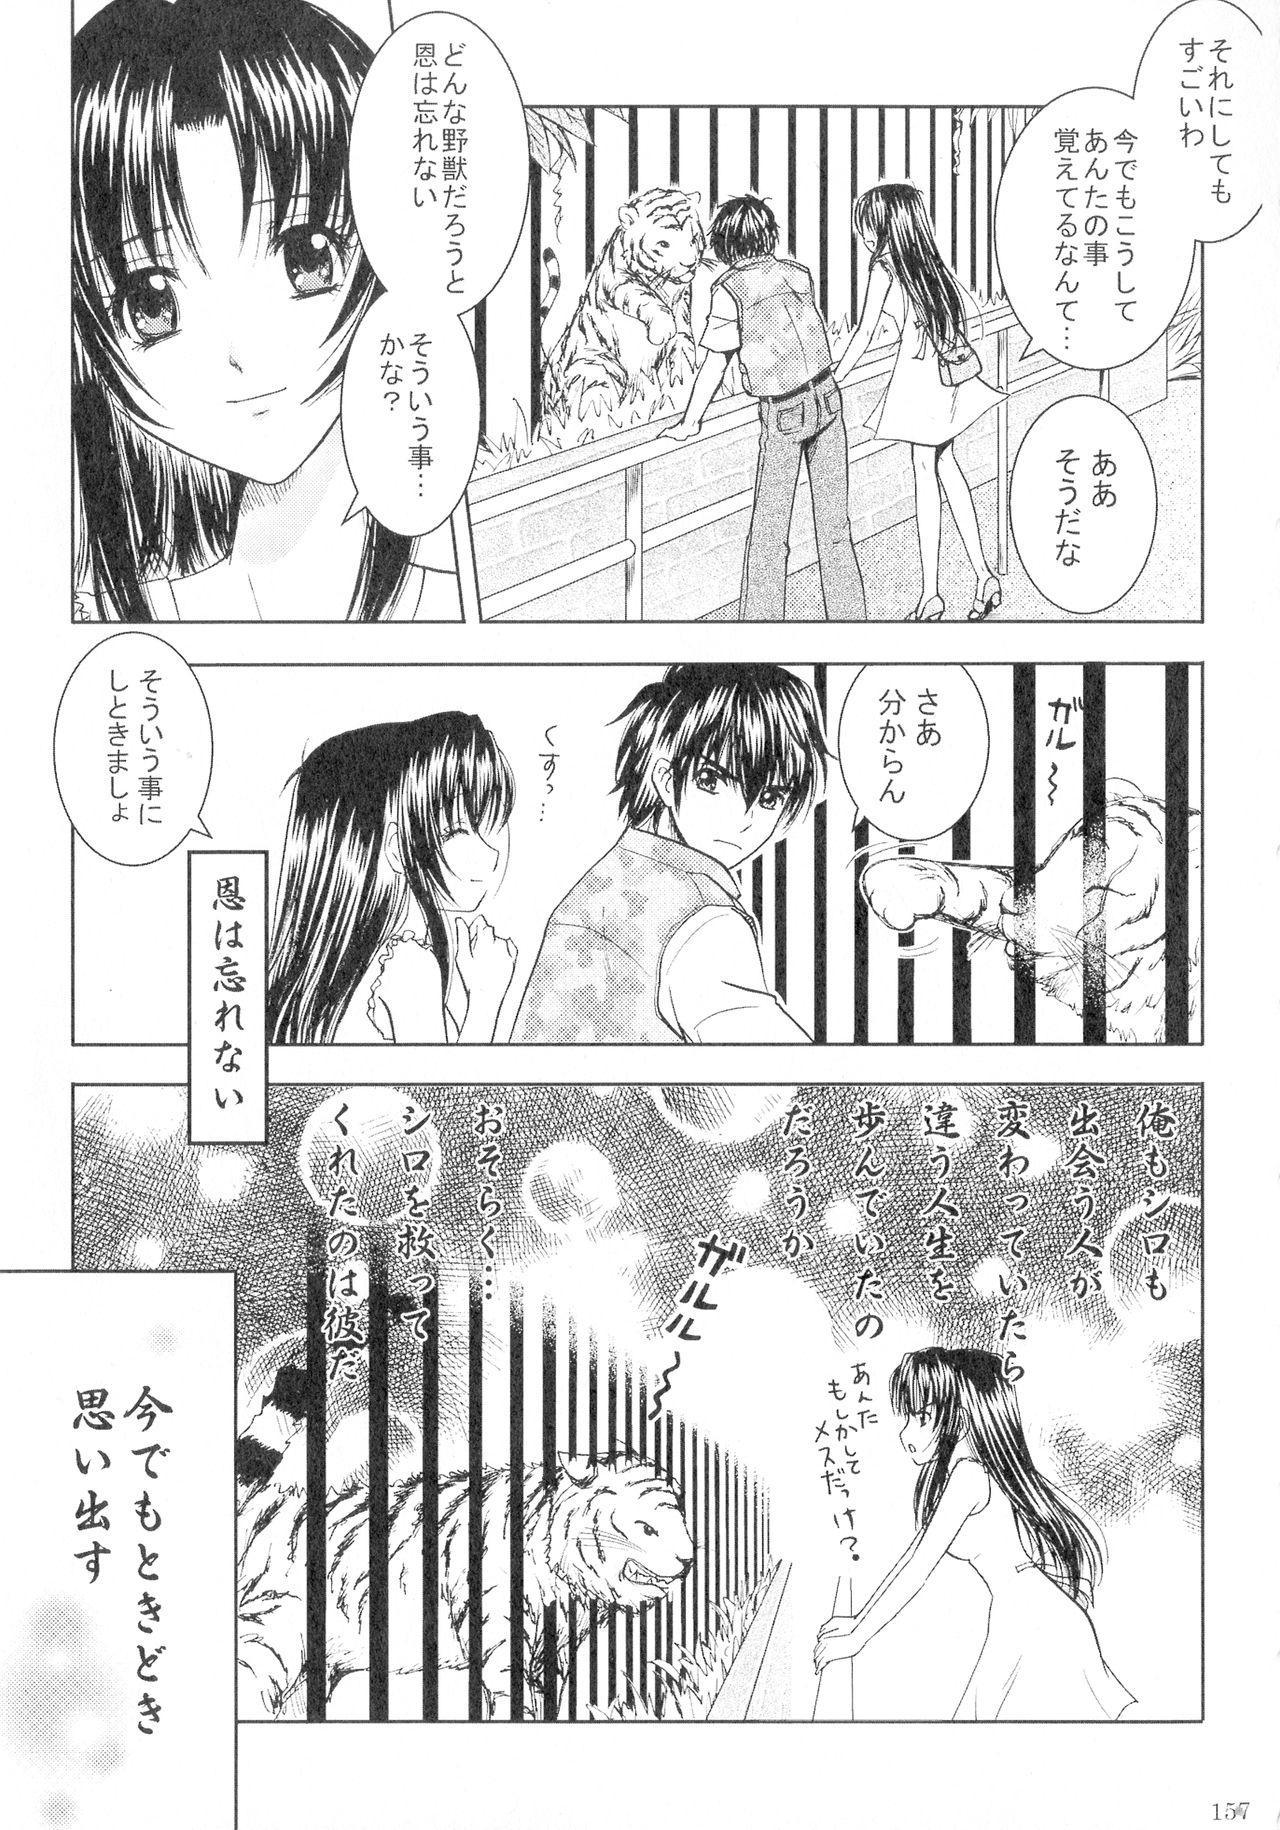 SEXY PANIC Sairokushuu Vol. 4 157